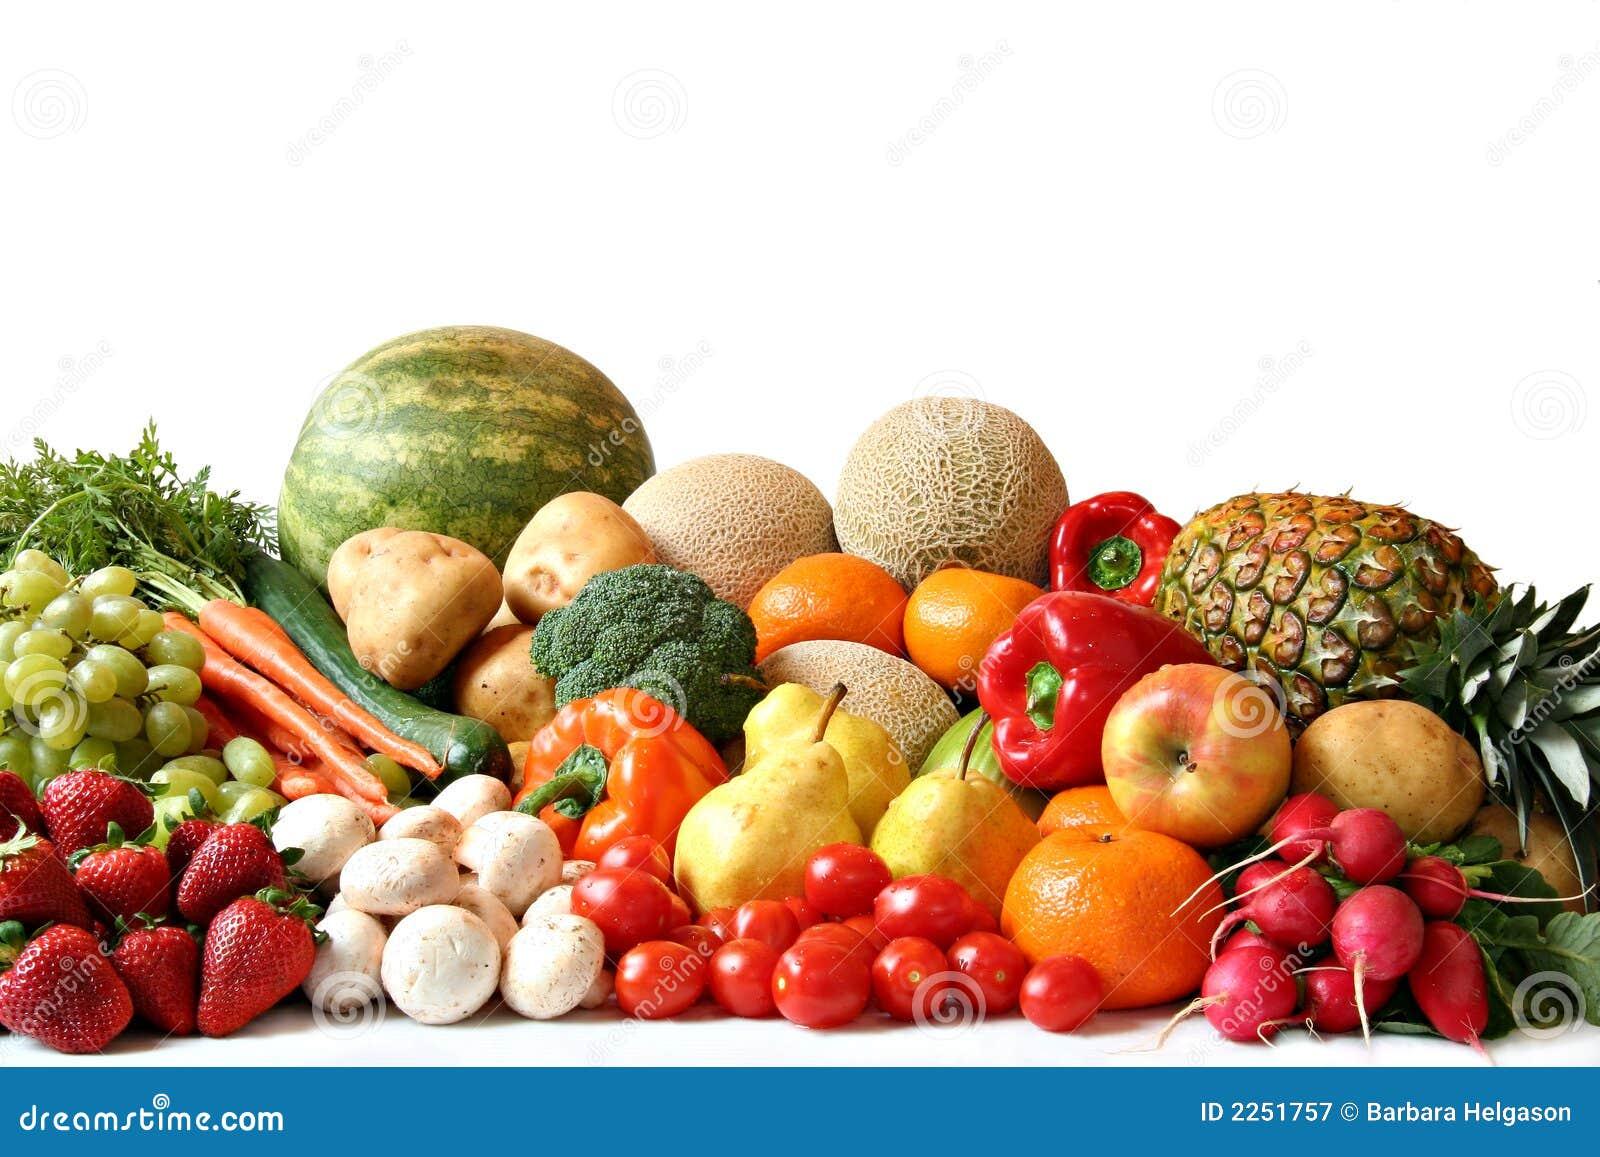 Obst- und Gemüse Vielzahl